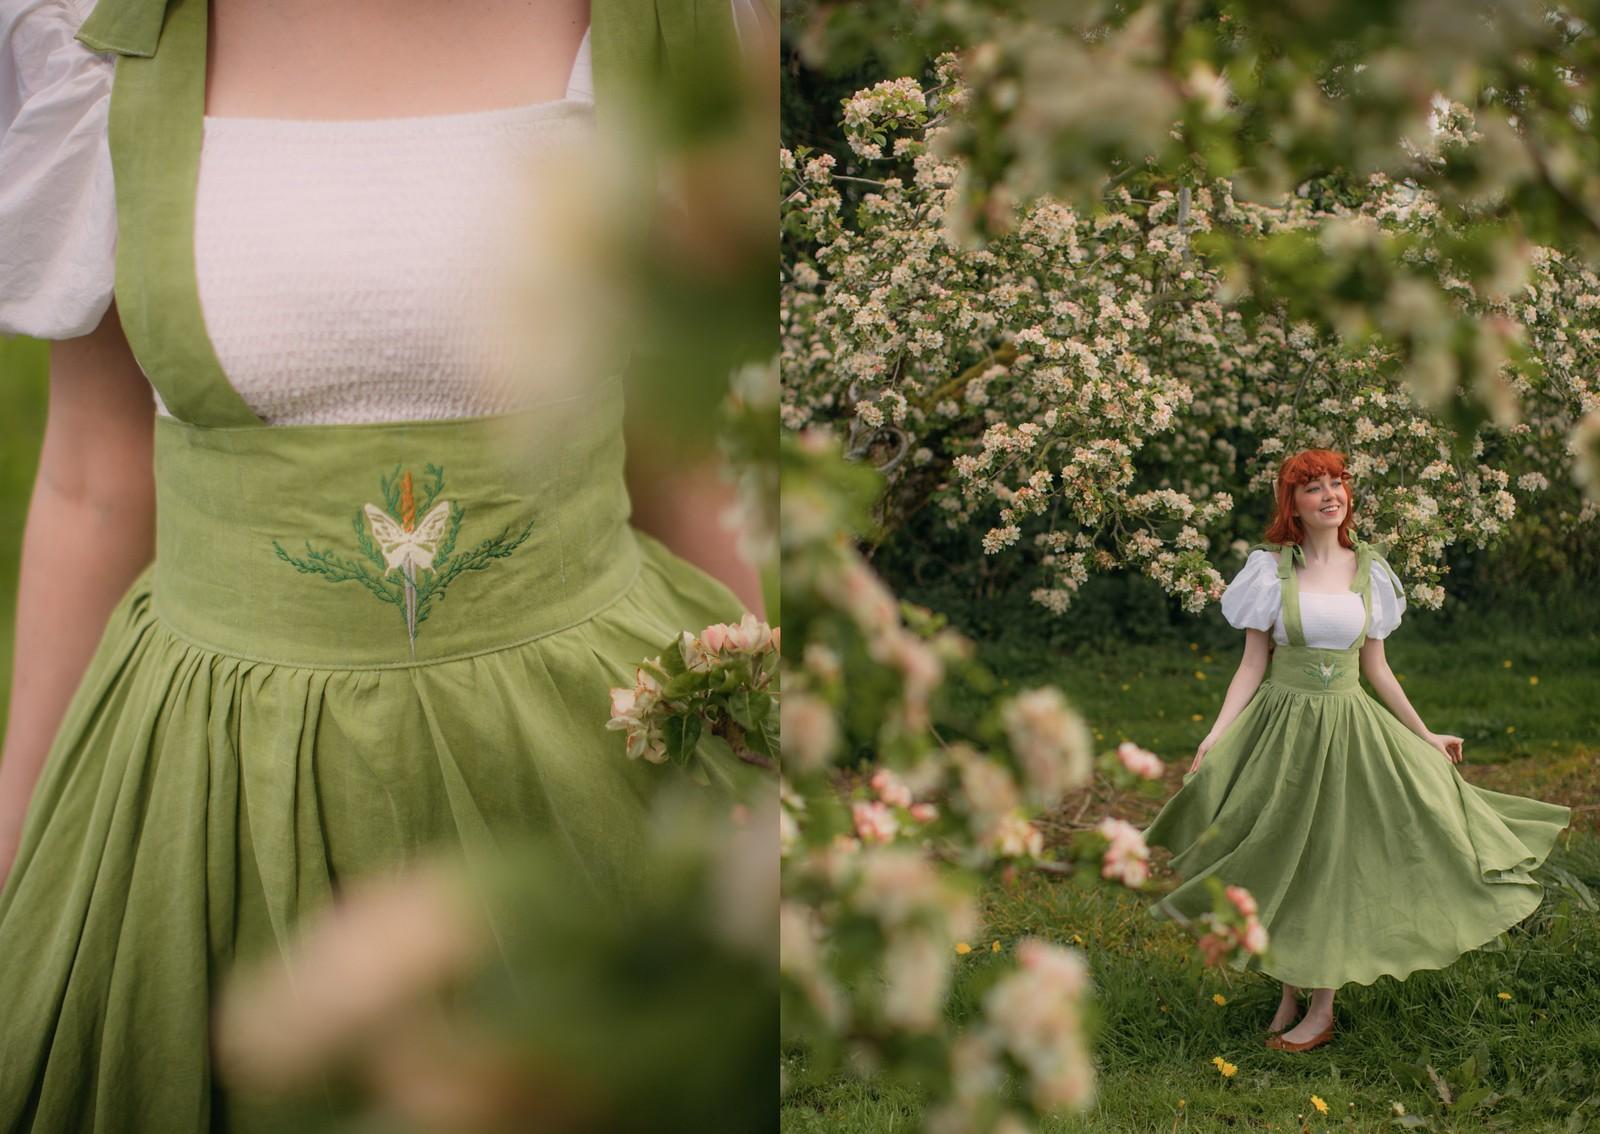 cottagecore dress, cottagecore shoot, cottagecore aethestic,fairycore, cottagefairy, nourandthemerchant